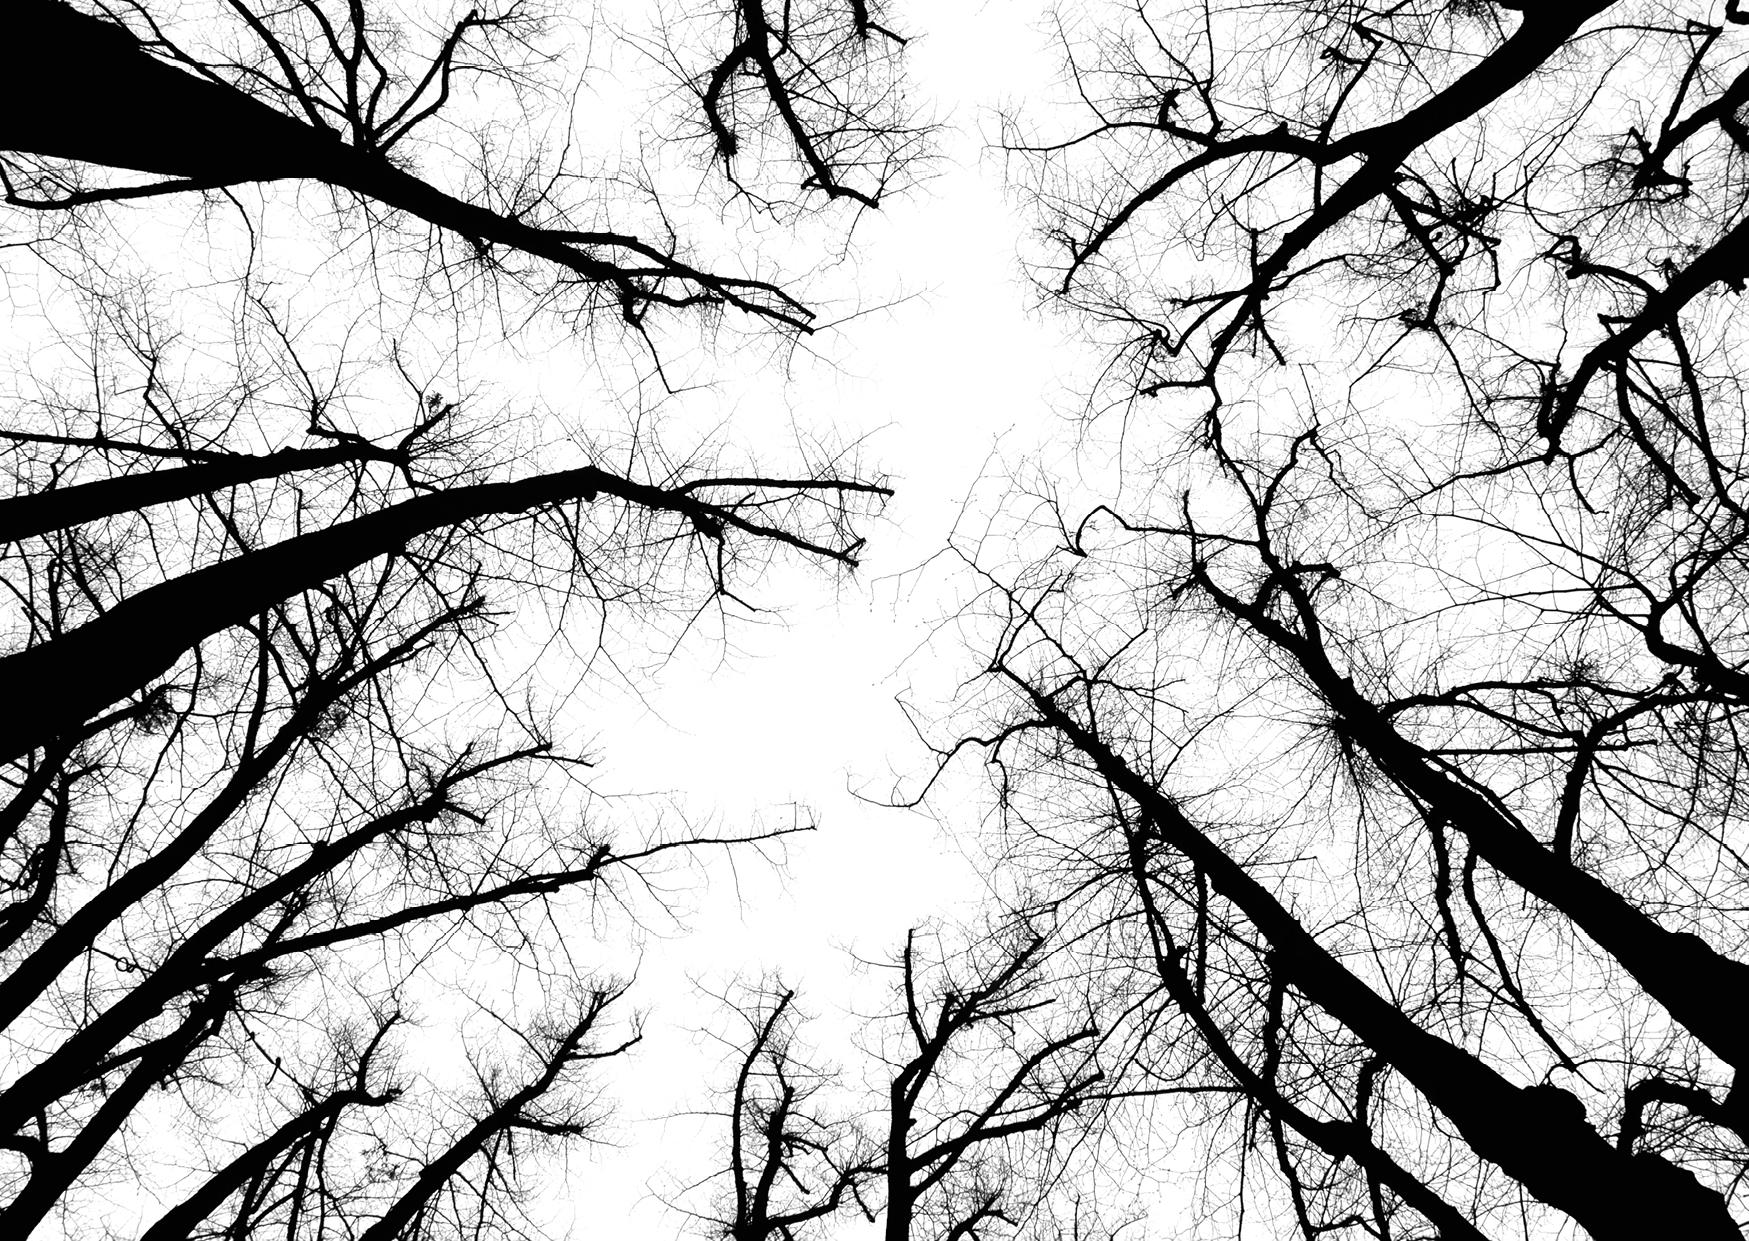 Bettina Lindenberg Postkarten schwarz-weiß Natur Fotokunst Kunstpostkarten, Deko, Bäume, Linden